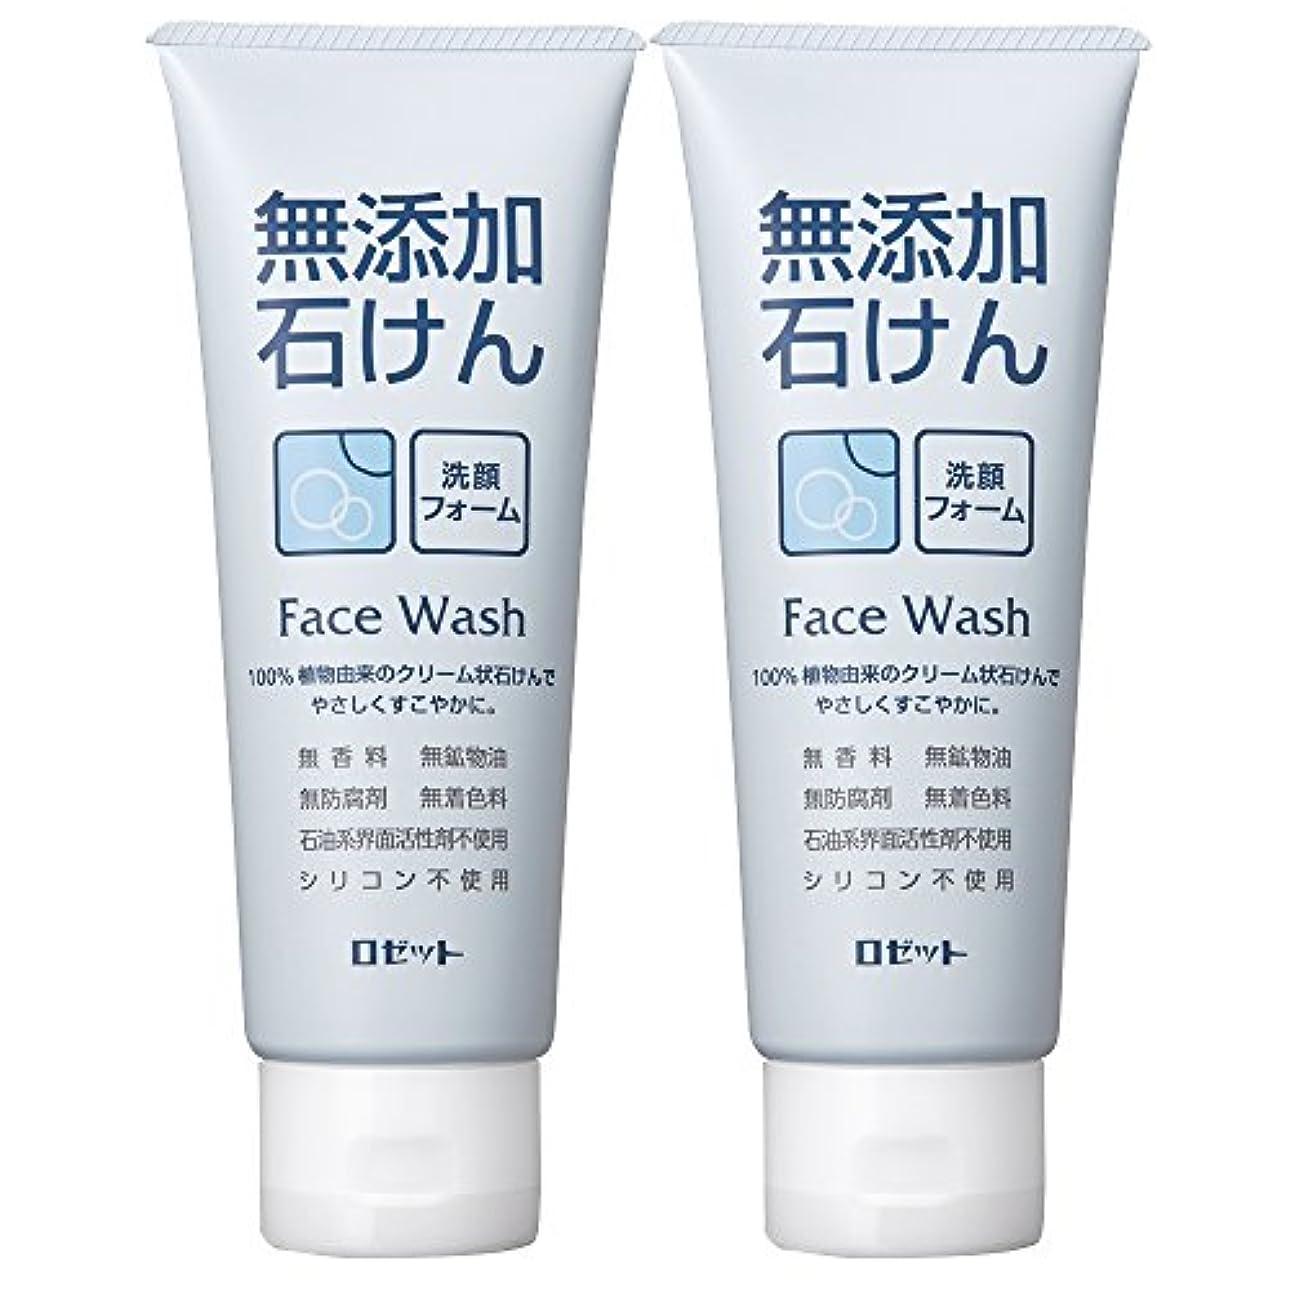 転用ますます悪化させるロゼット 無添加石けん 洗顔フォーム 140g×2個パック AZ